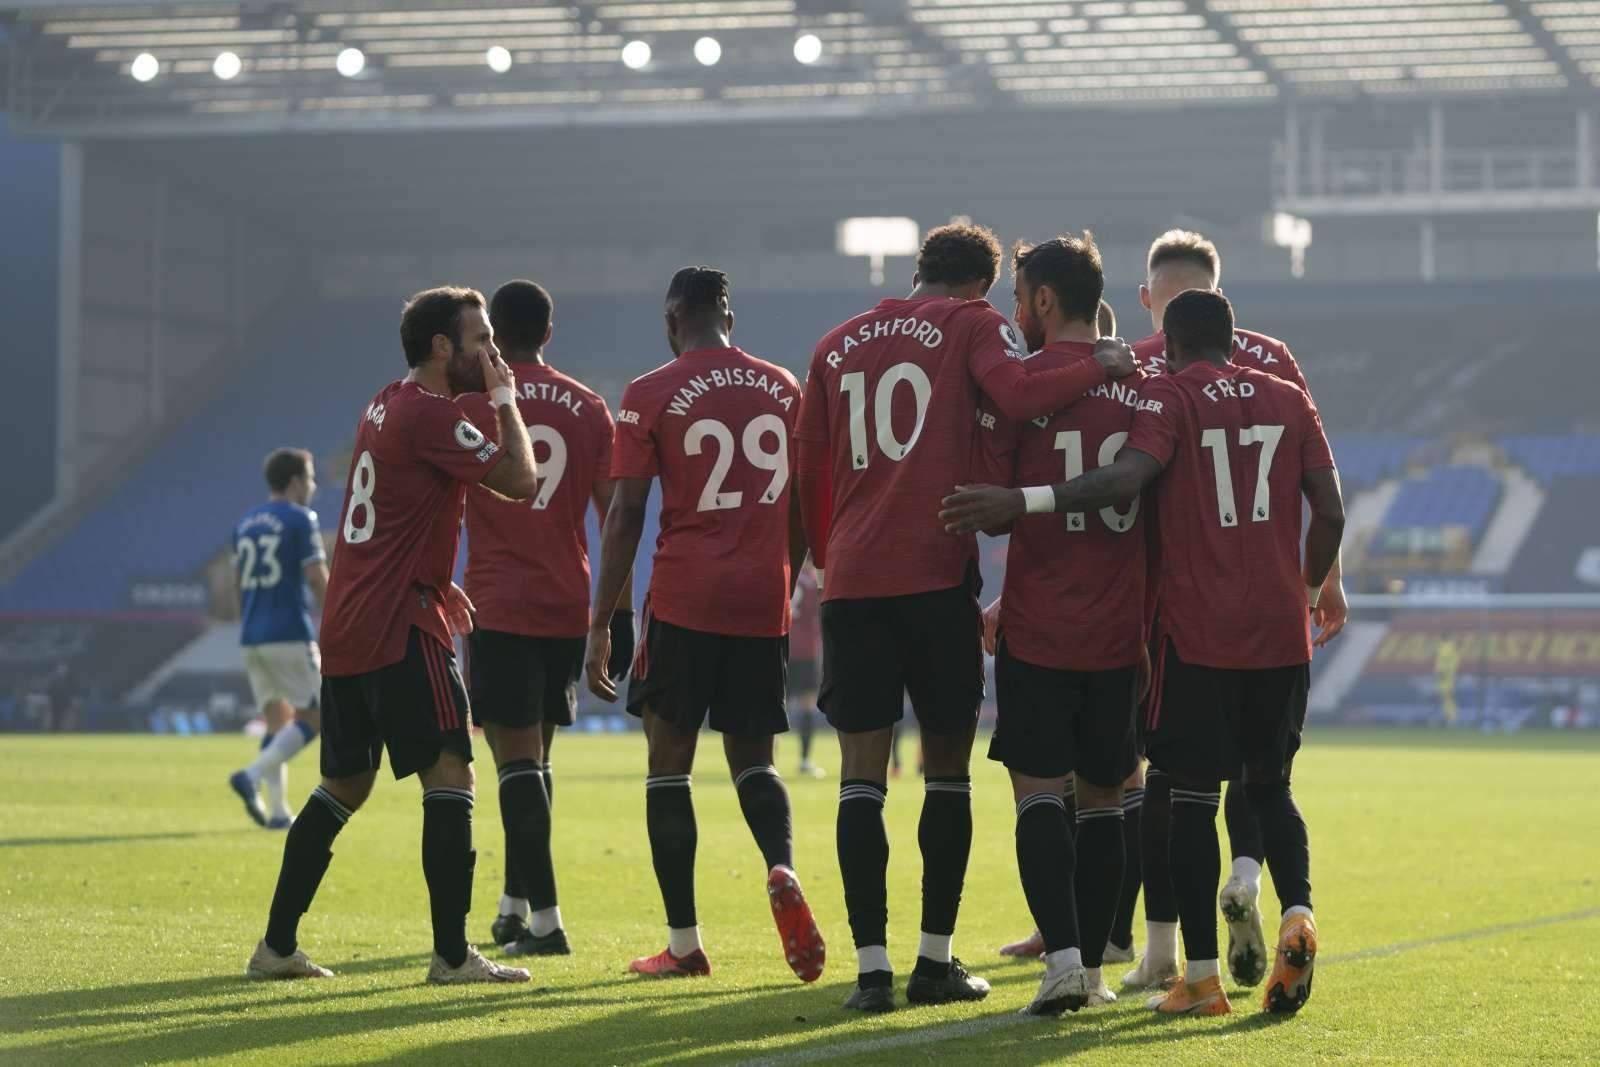 «Манчестер Юнайтед» - «Реал Сосьедад»: прогноз на матч Лиги Европы – 25 февраля 2021